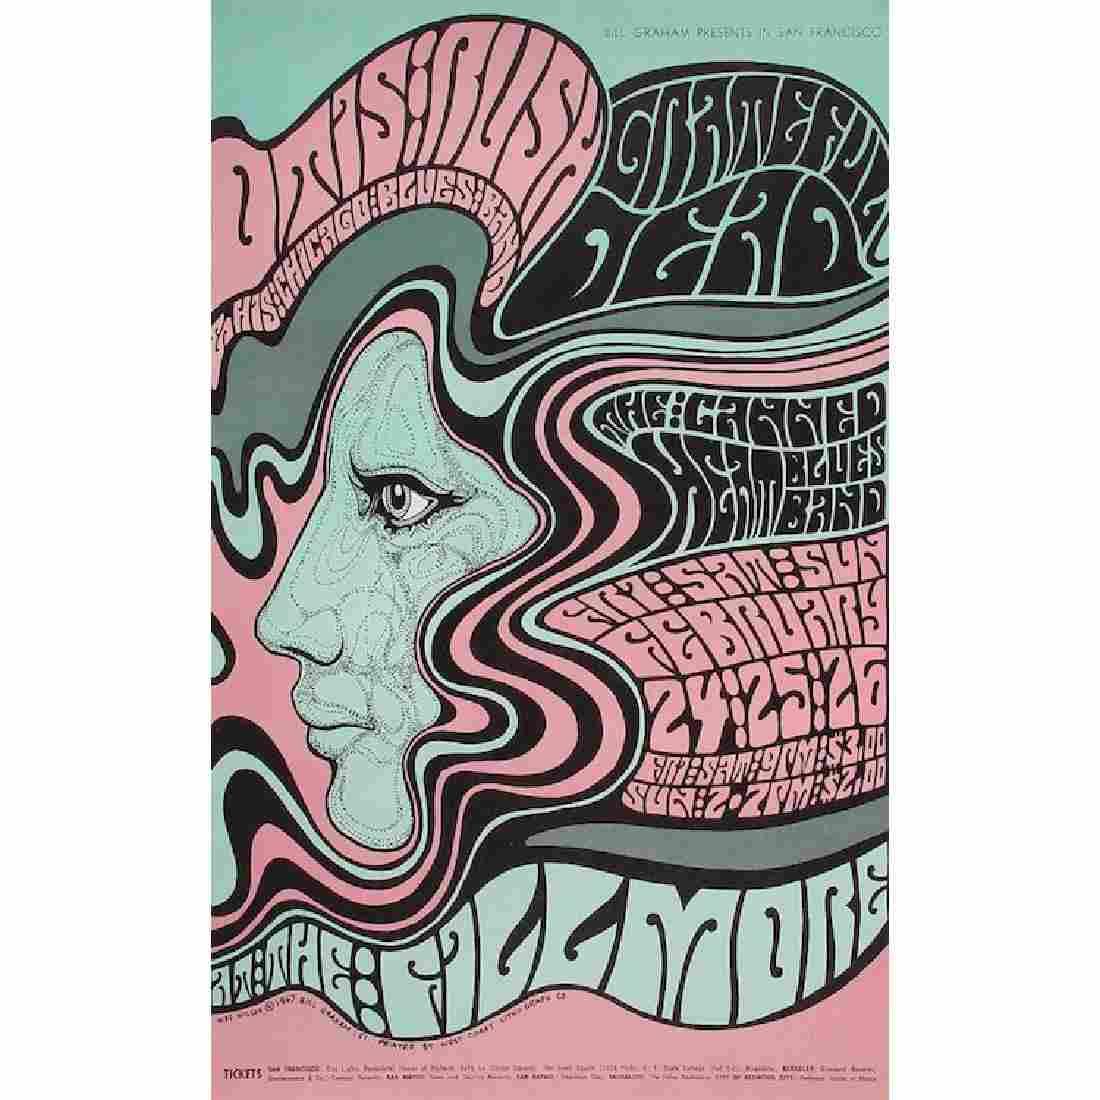 Grateful Dead - 1967 Fillmore Concert Poster